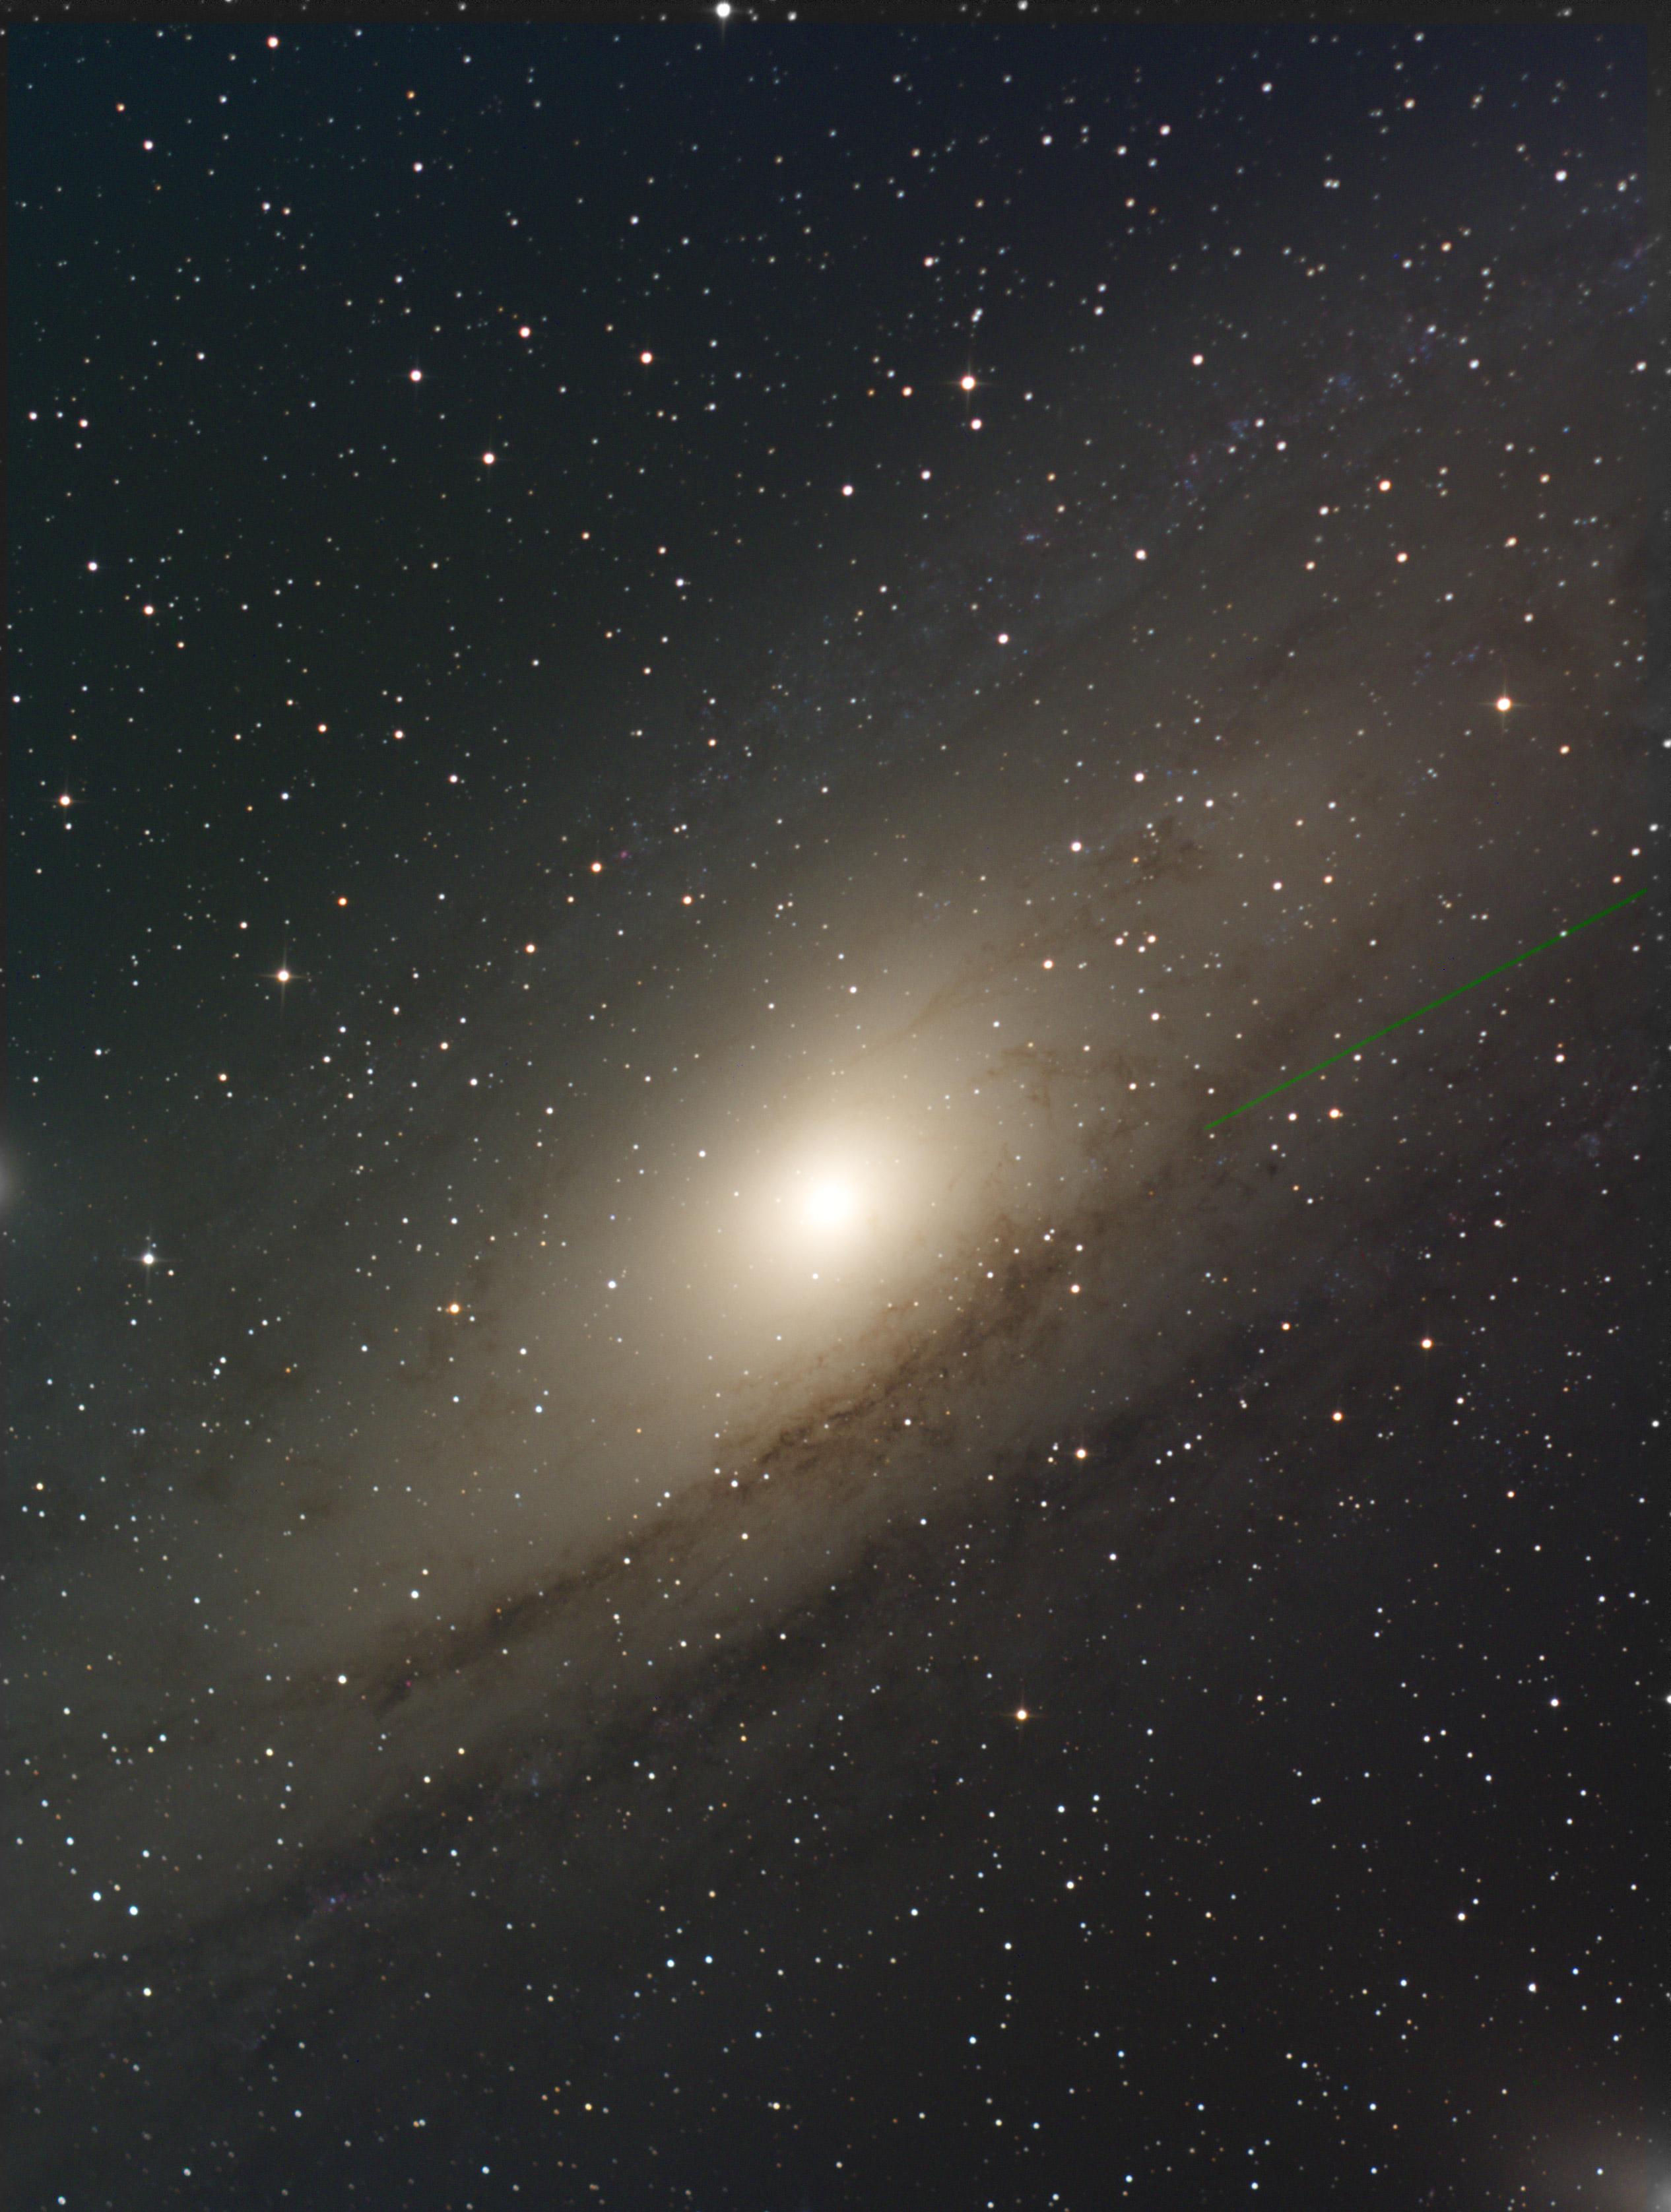 M31-lrgb00.jpg